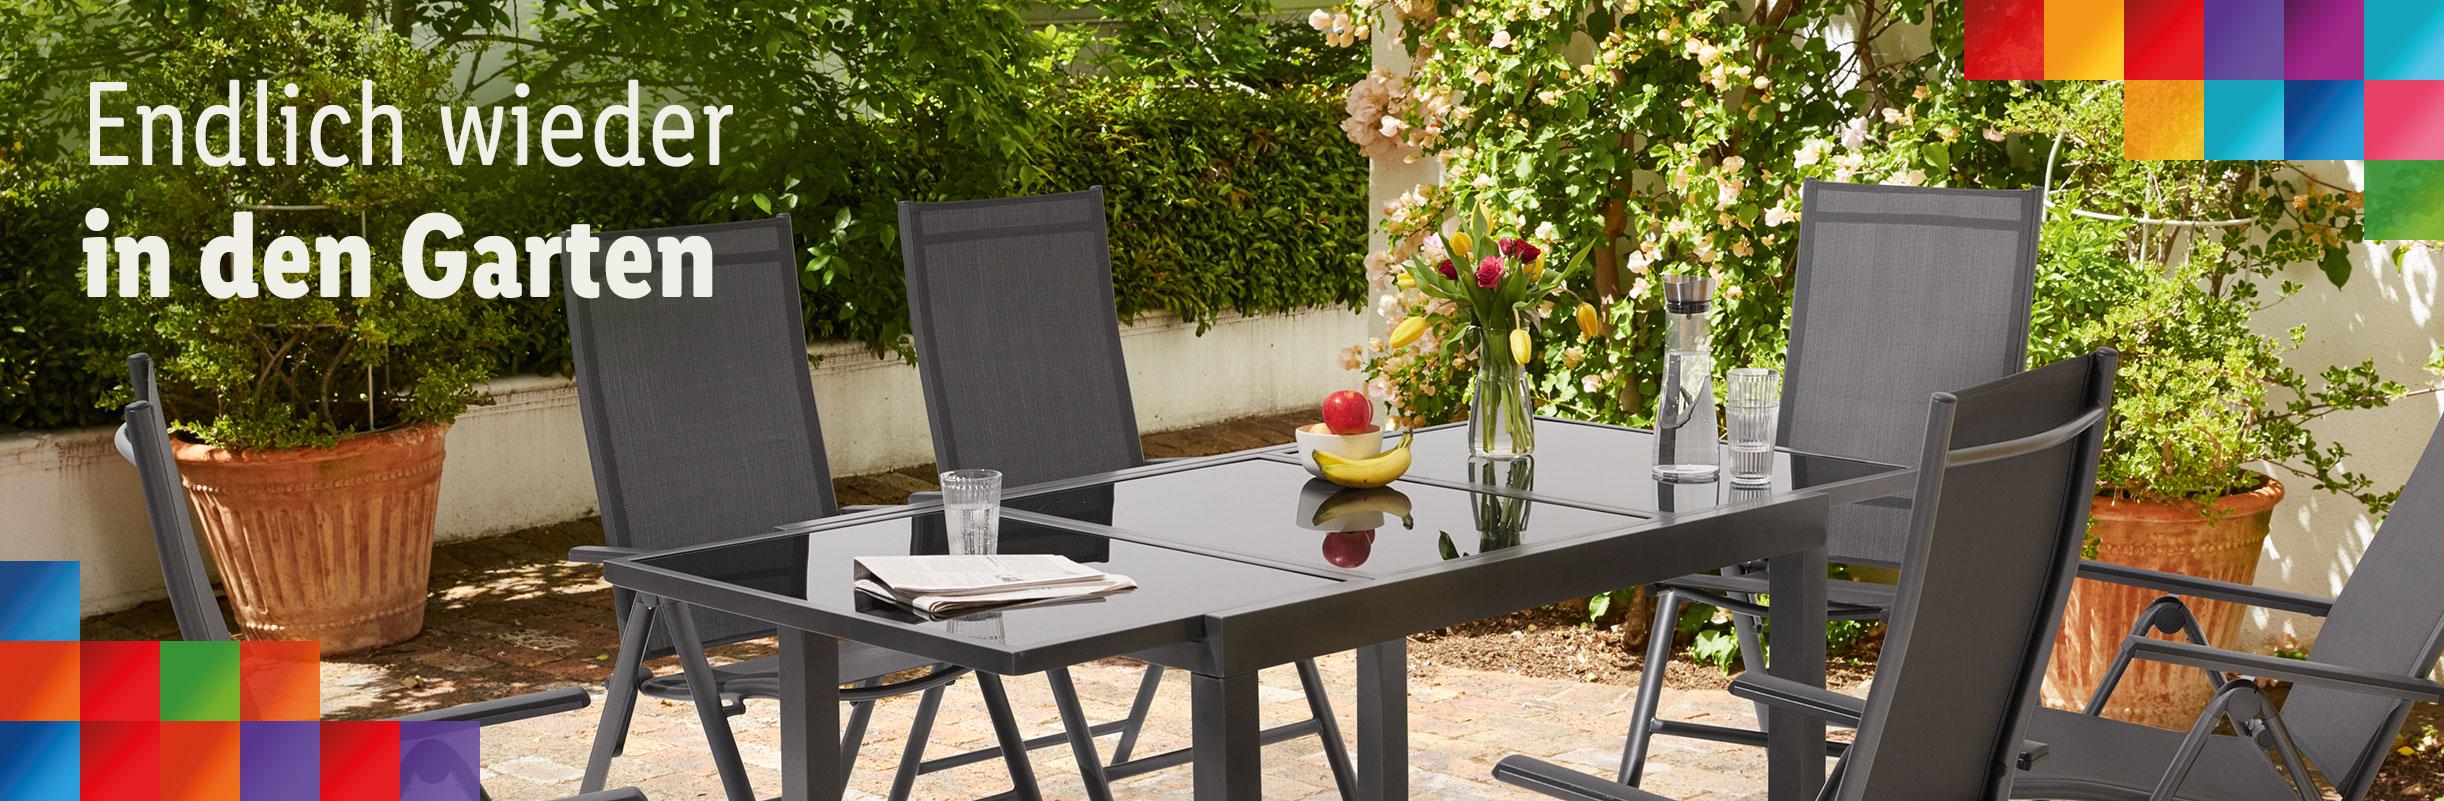 Full Size of Lidl Florabest Aluminium Gartentisch Online Gartentischdecken Alu Glasplatte Gartenmbel Lidlde Wohnzimmer Lidl Gartentisch